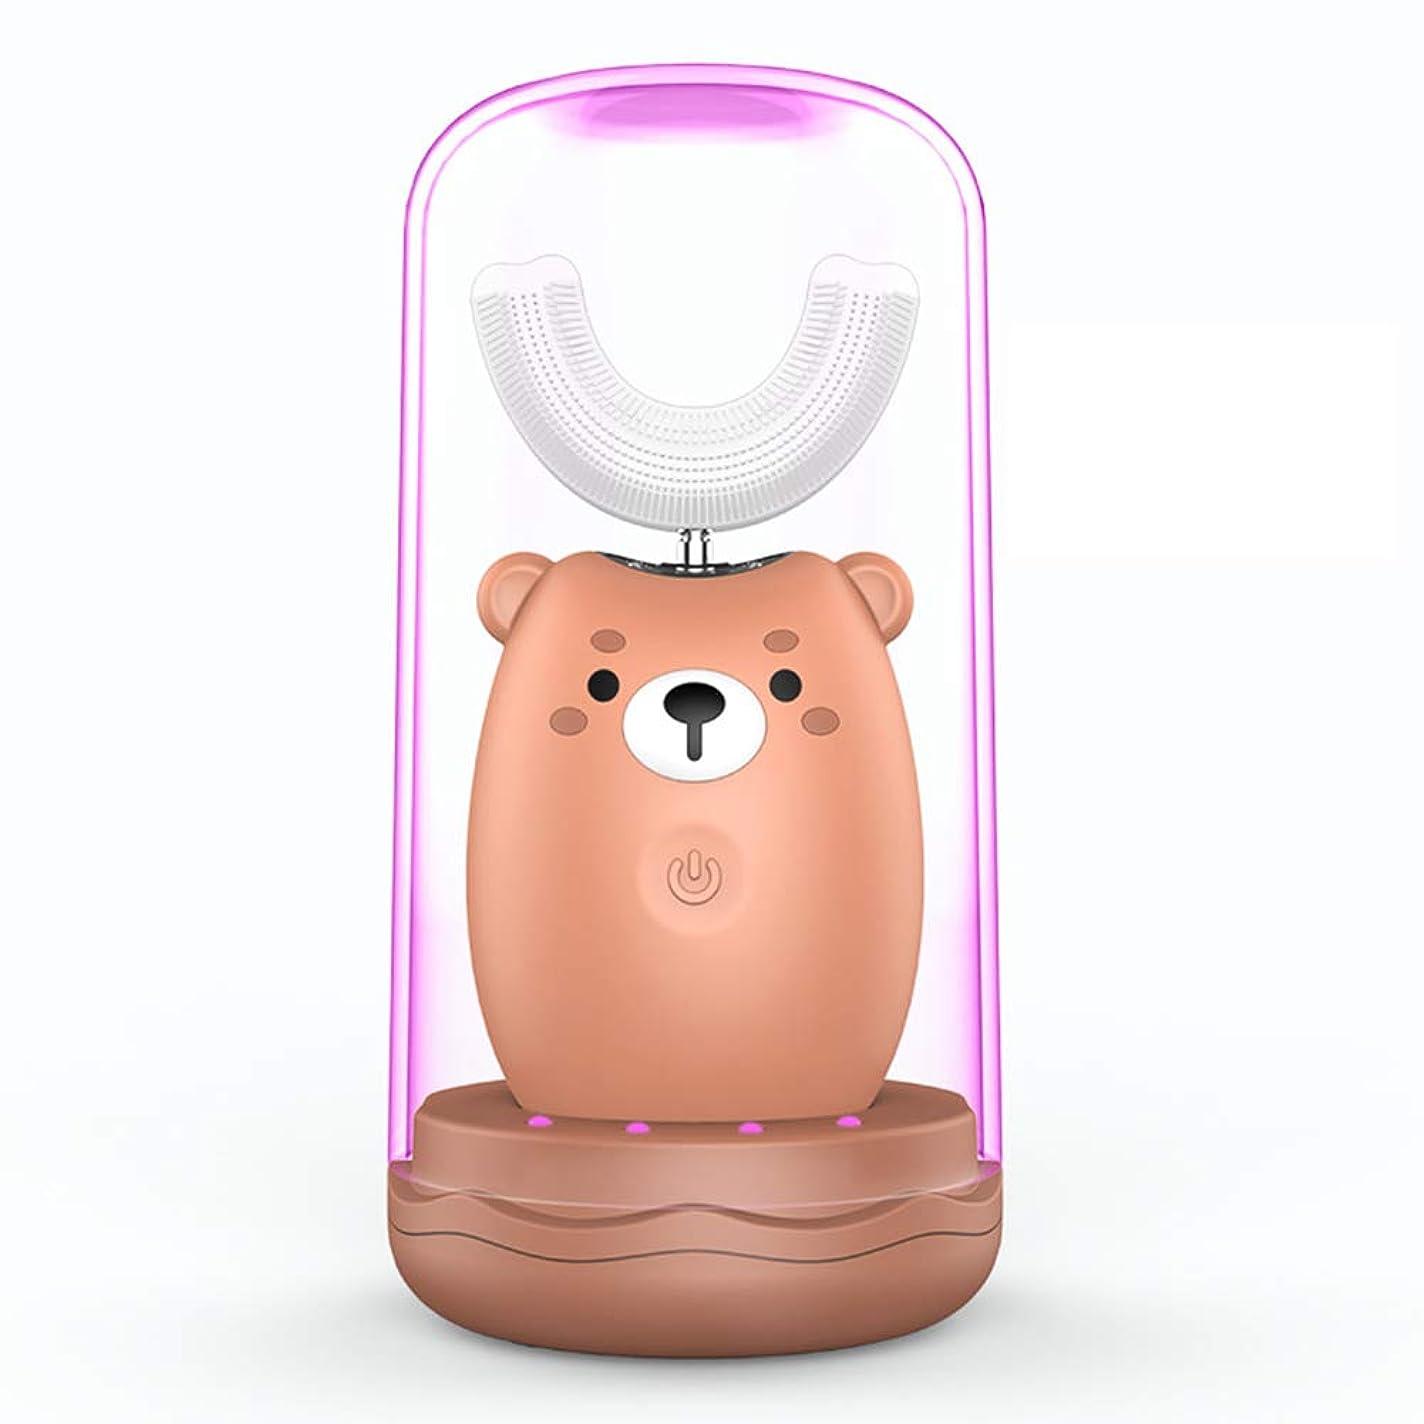 晩餐折ケント超音波子供電動歯ブラシ3スピード消毒うがいカップホワイトニング自動歯ブラシ特別に設計された子供2-6歳児